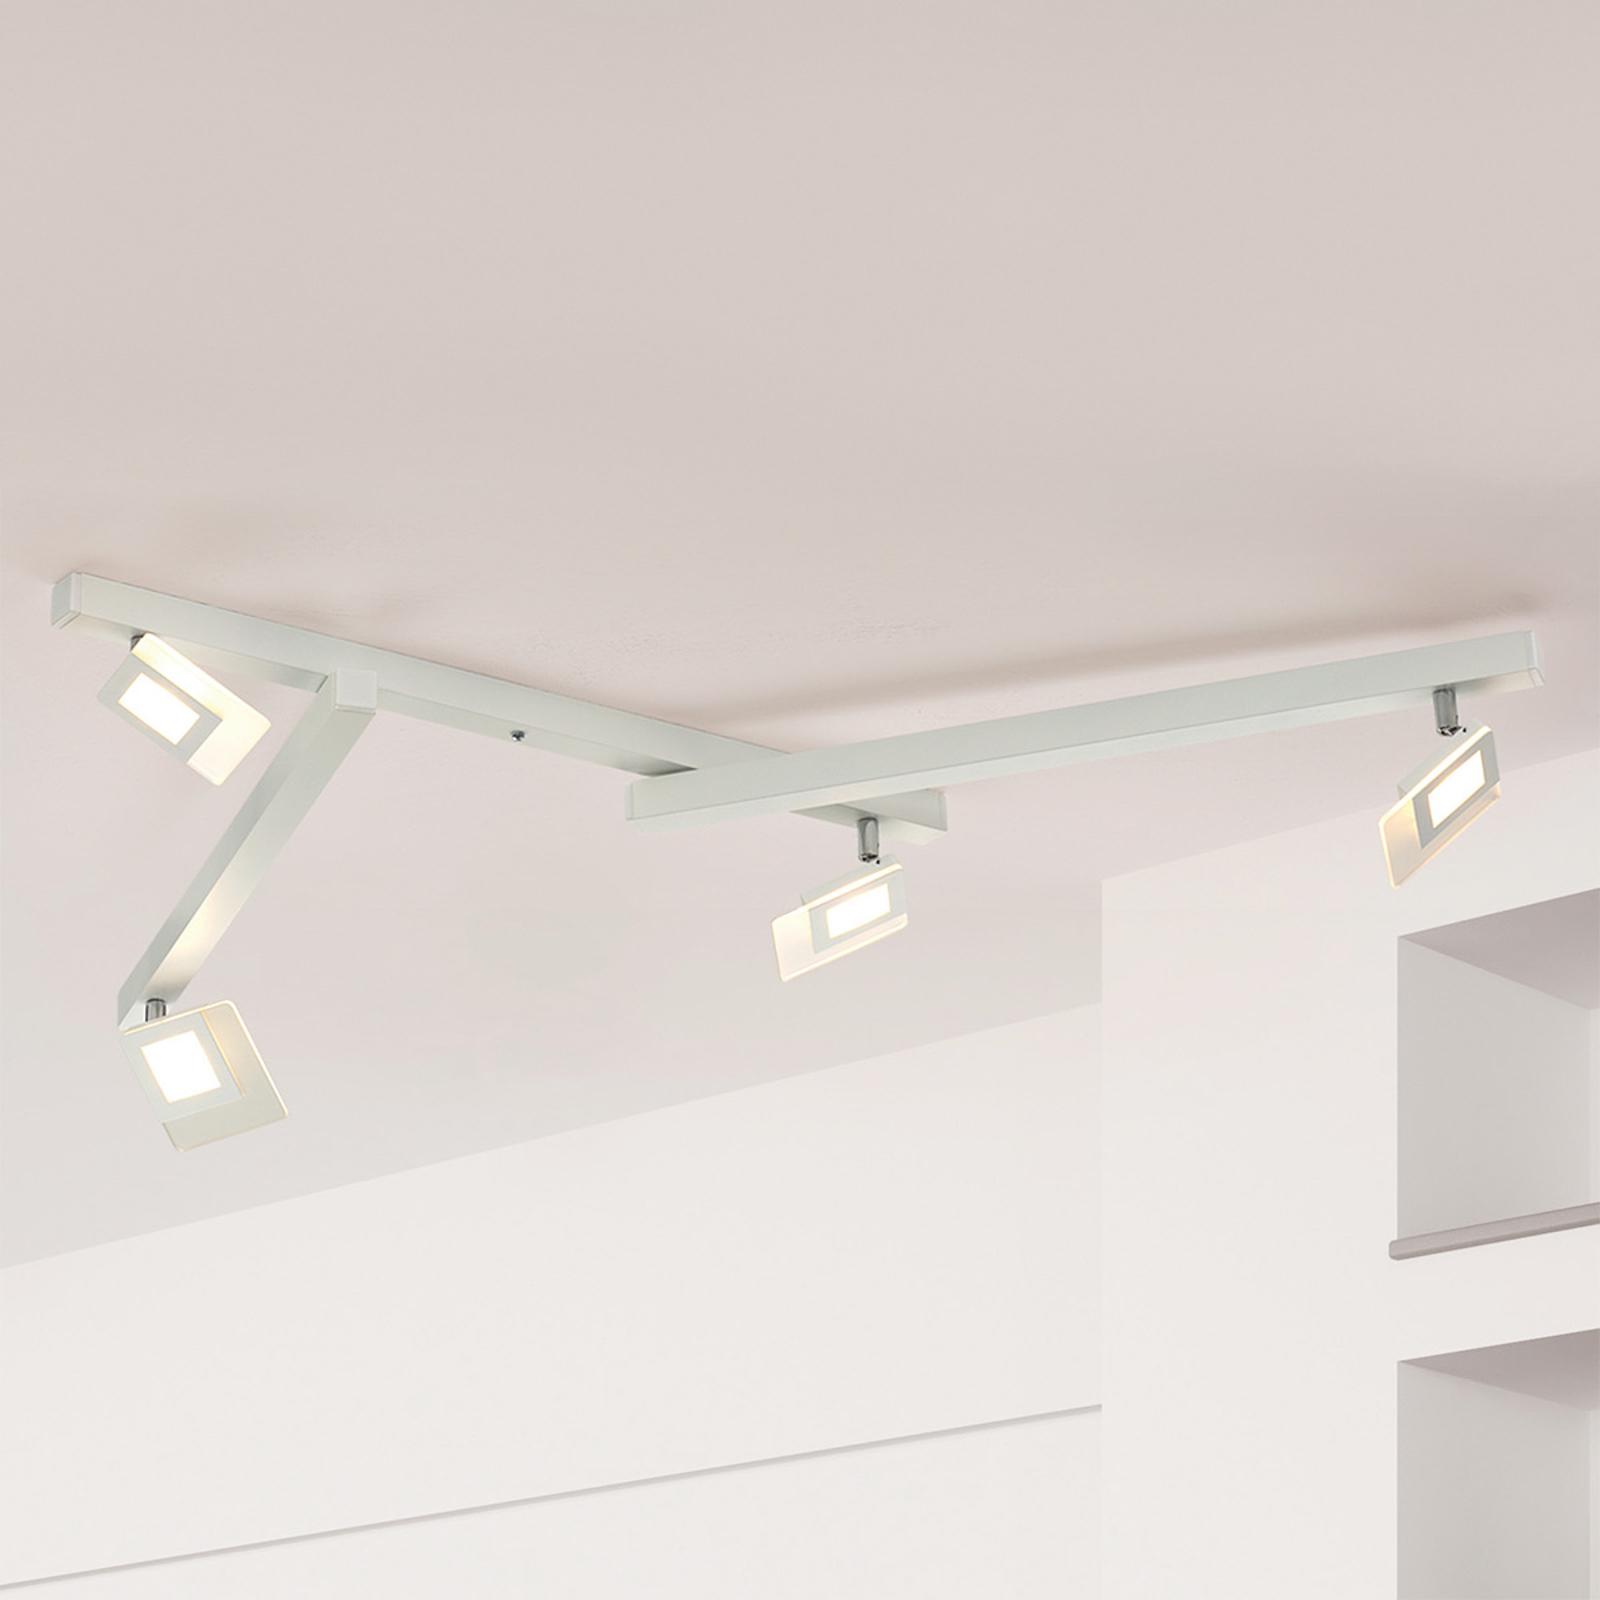 Bopp Line päť-plameňové stropné LED svetlo biele_1556069_1